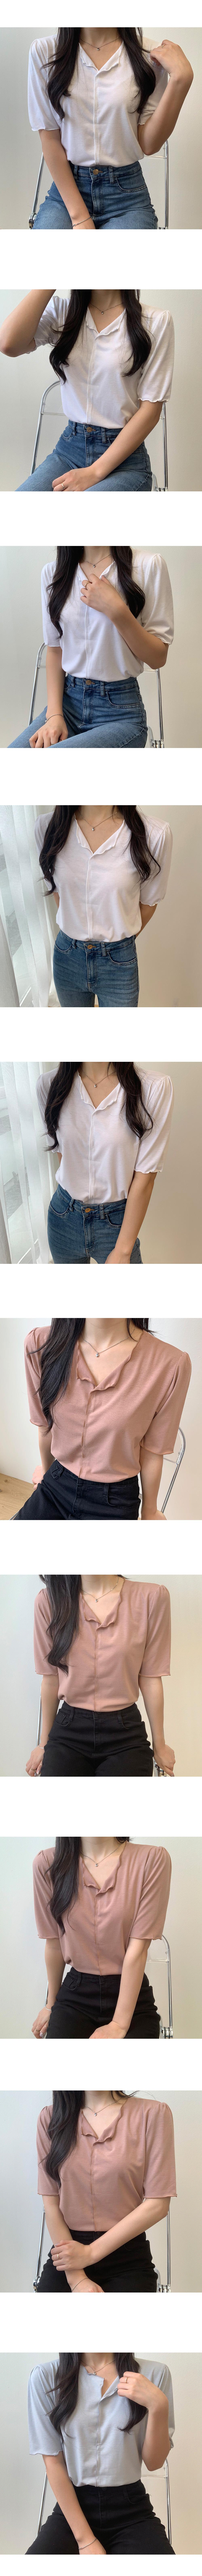 Soft collar short sleeve t-shirt